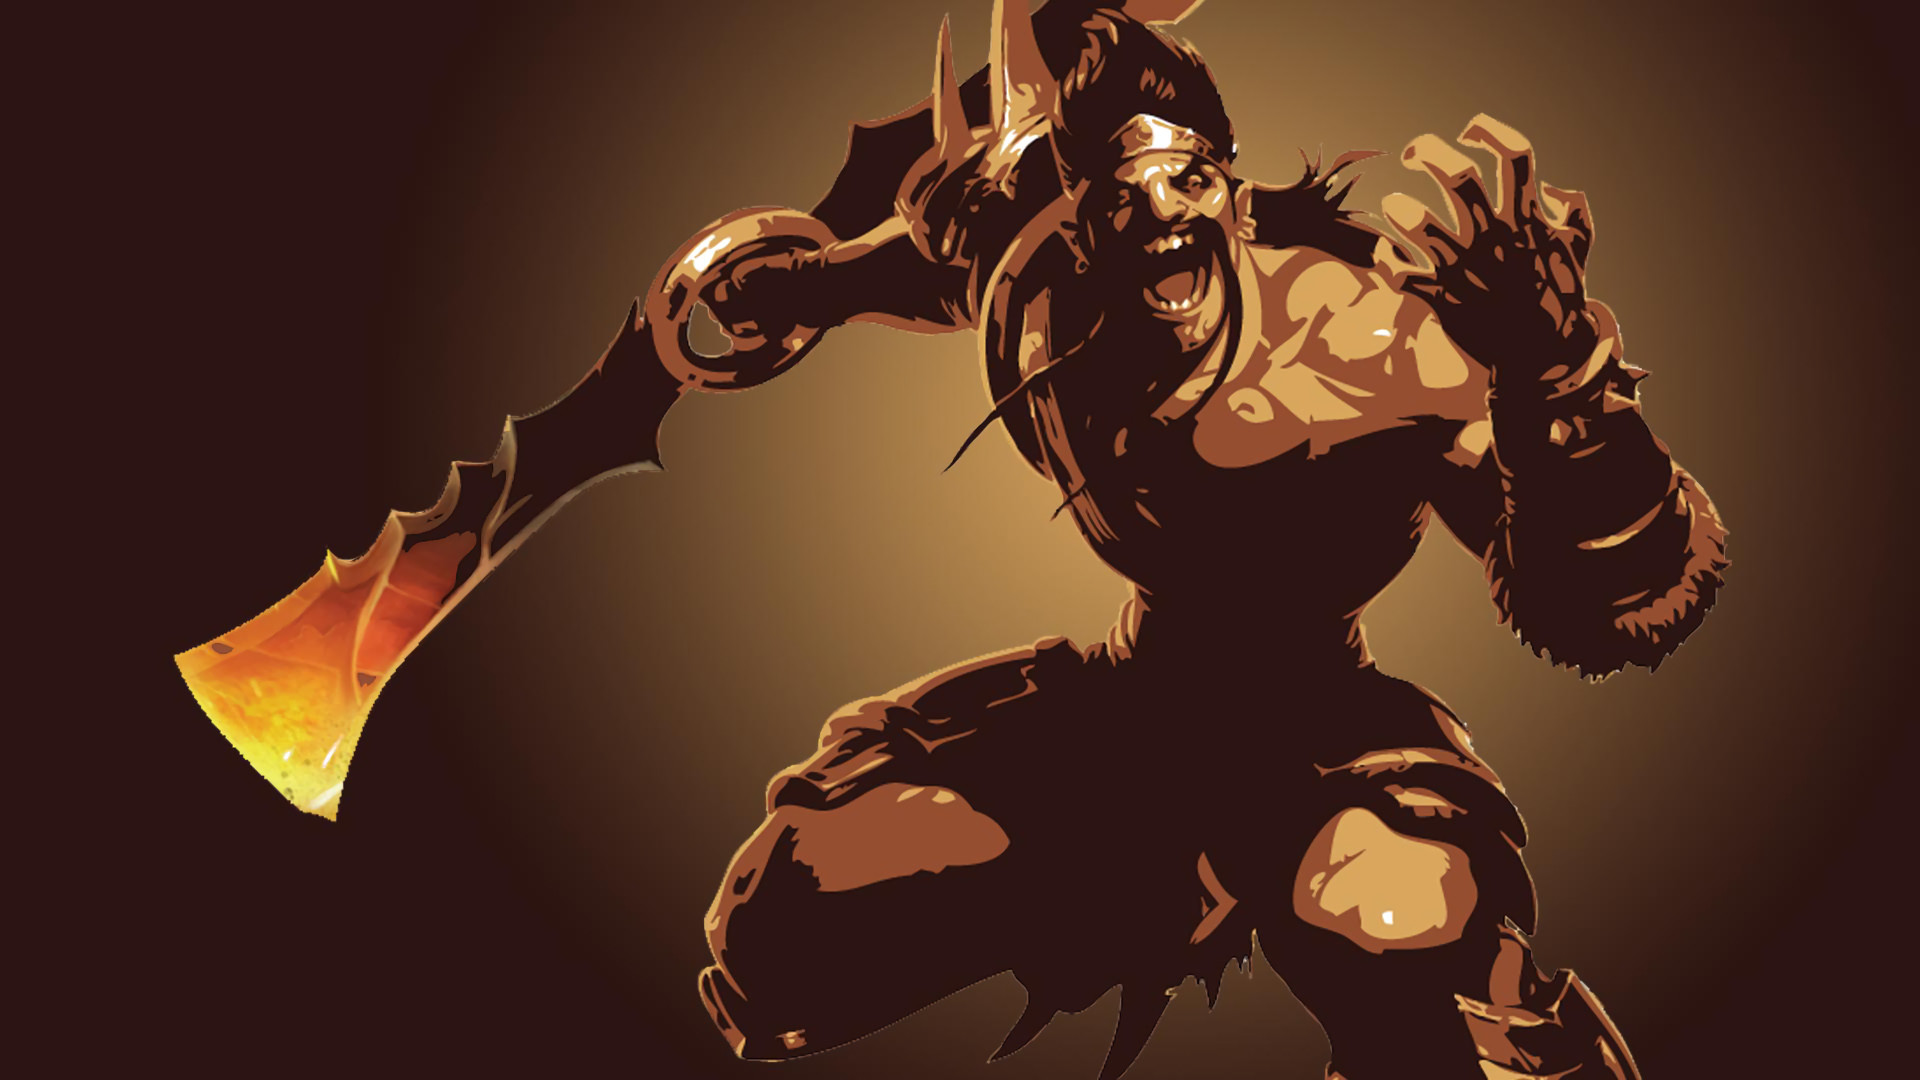 Gladiator Draven by AlexisRayne HD Wallpaper Fan Art Artwork League of  Legends lol